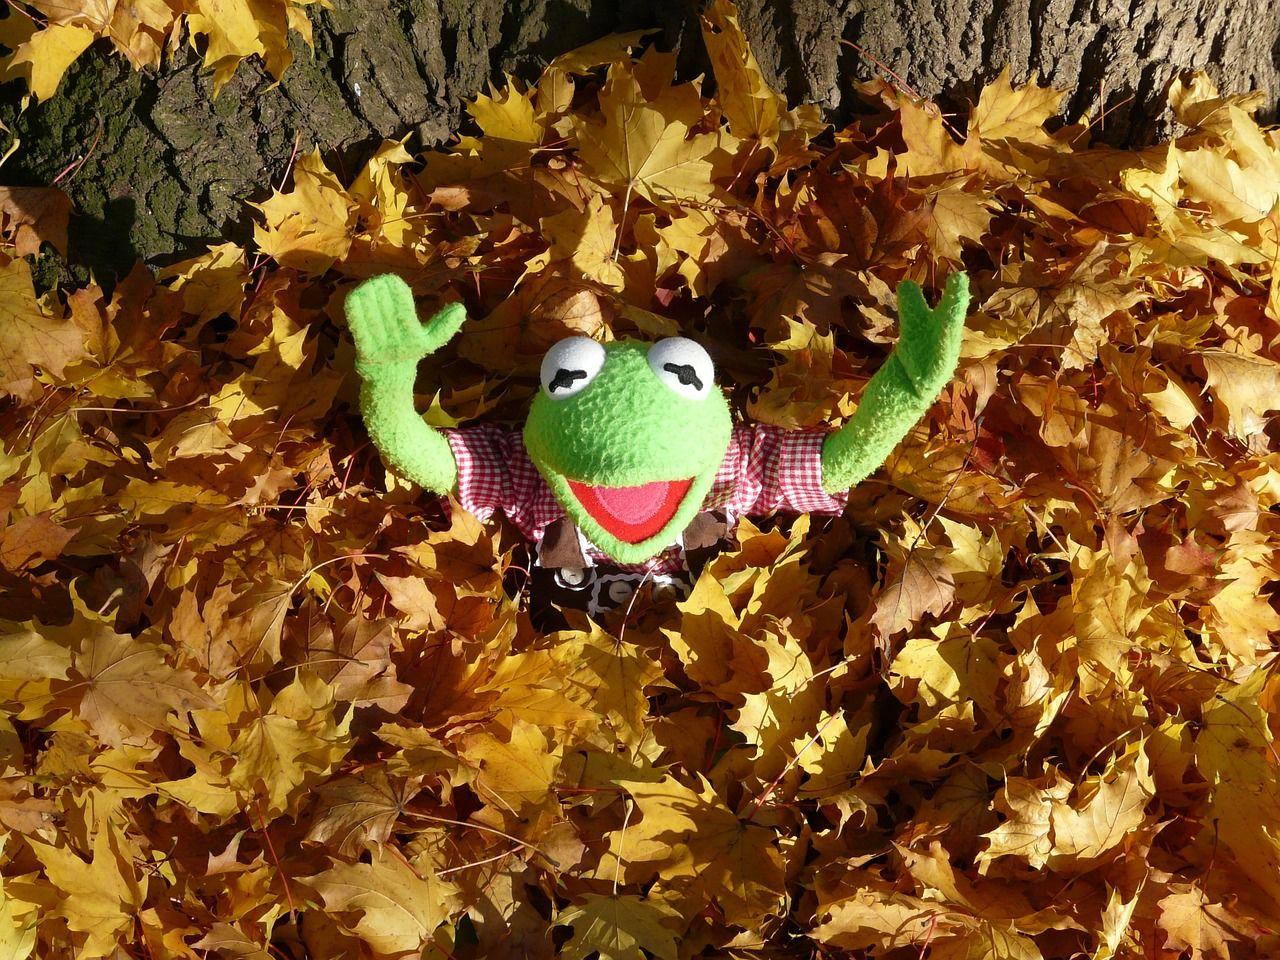 Laub Kermit